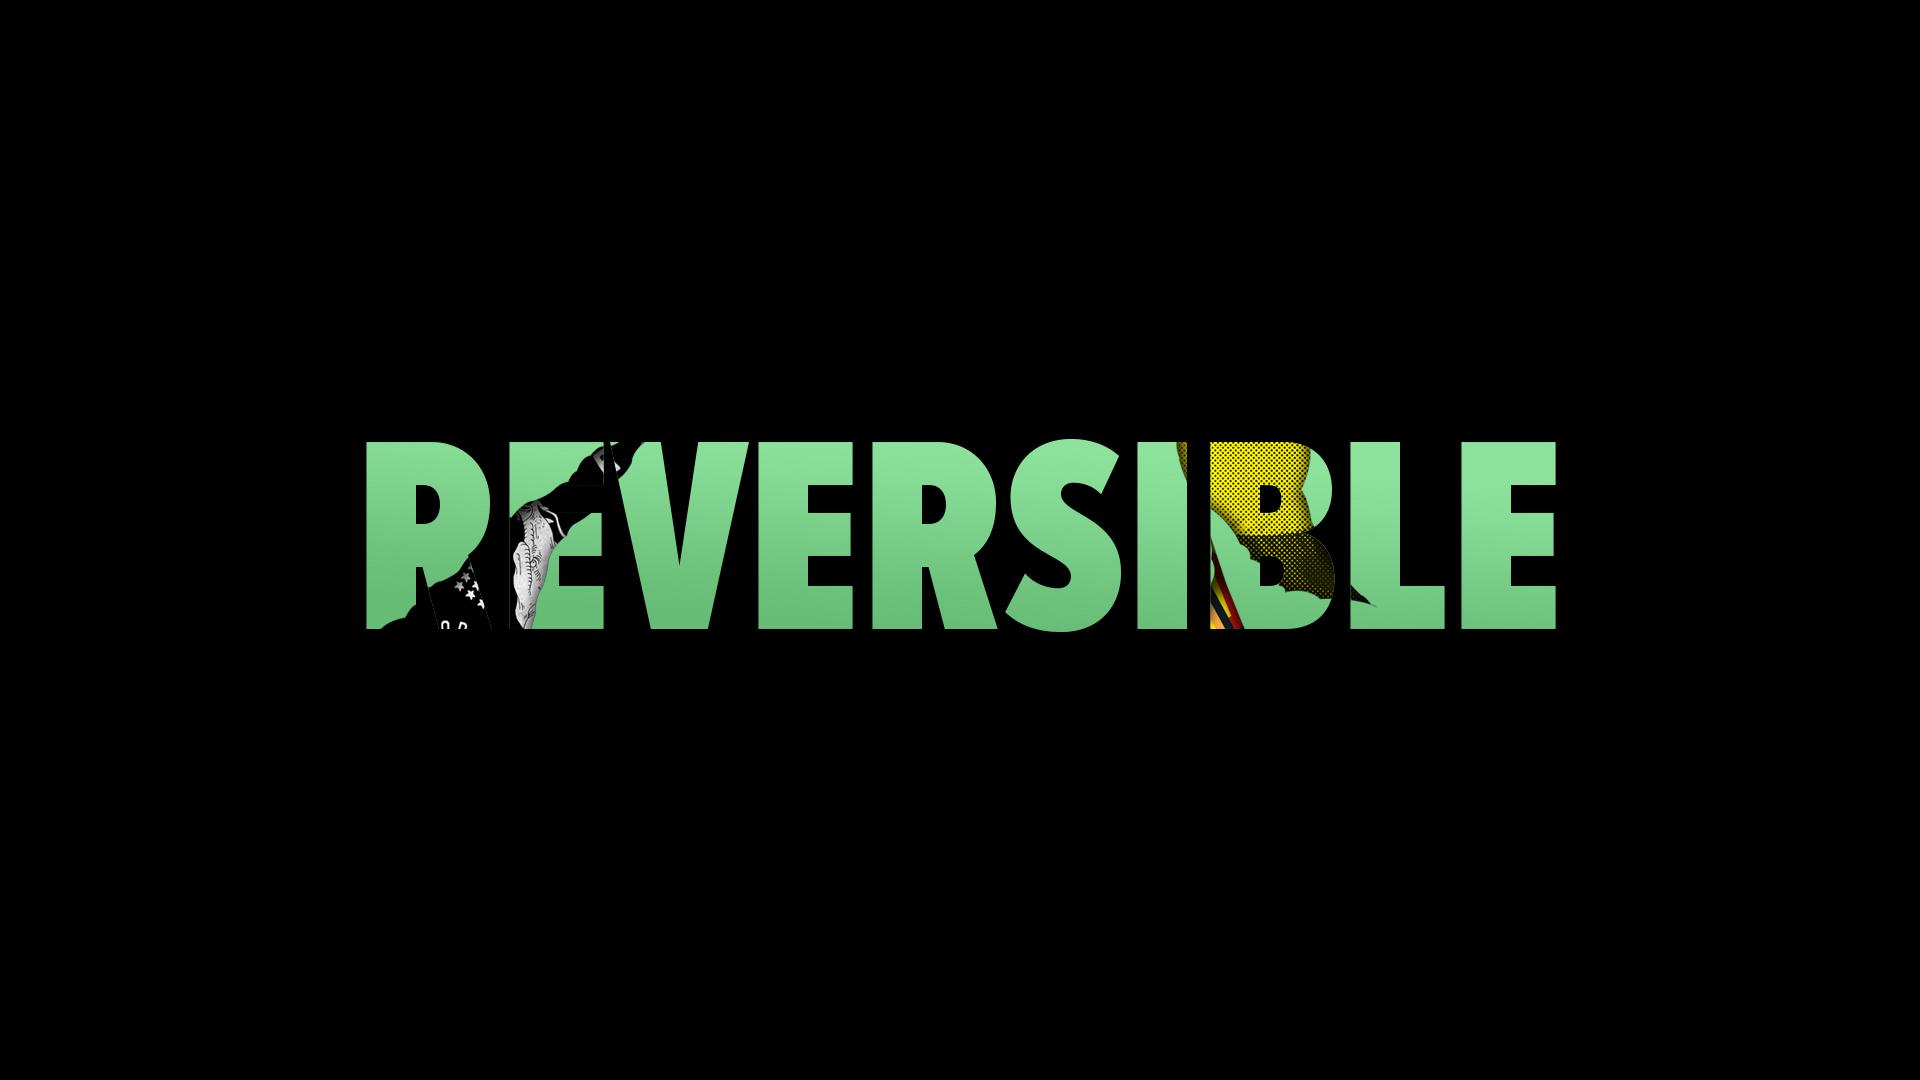 REVERSIBLE_1.jpg